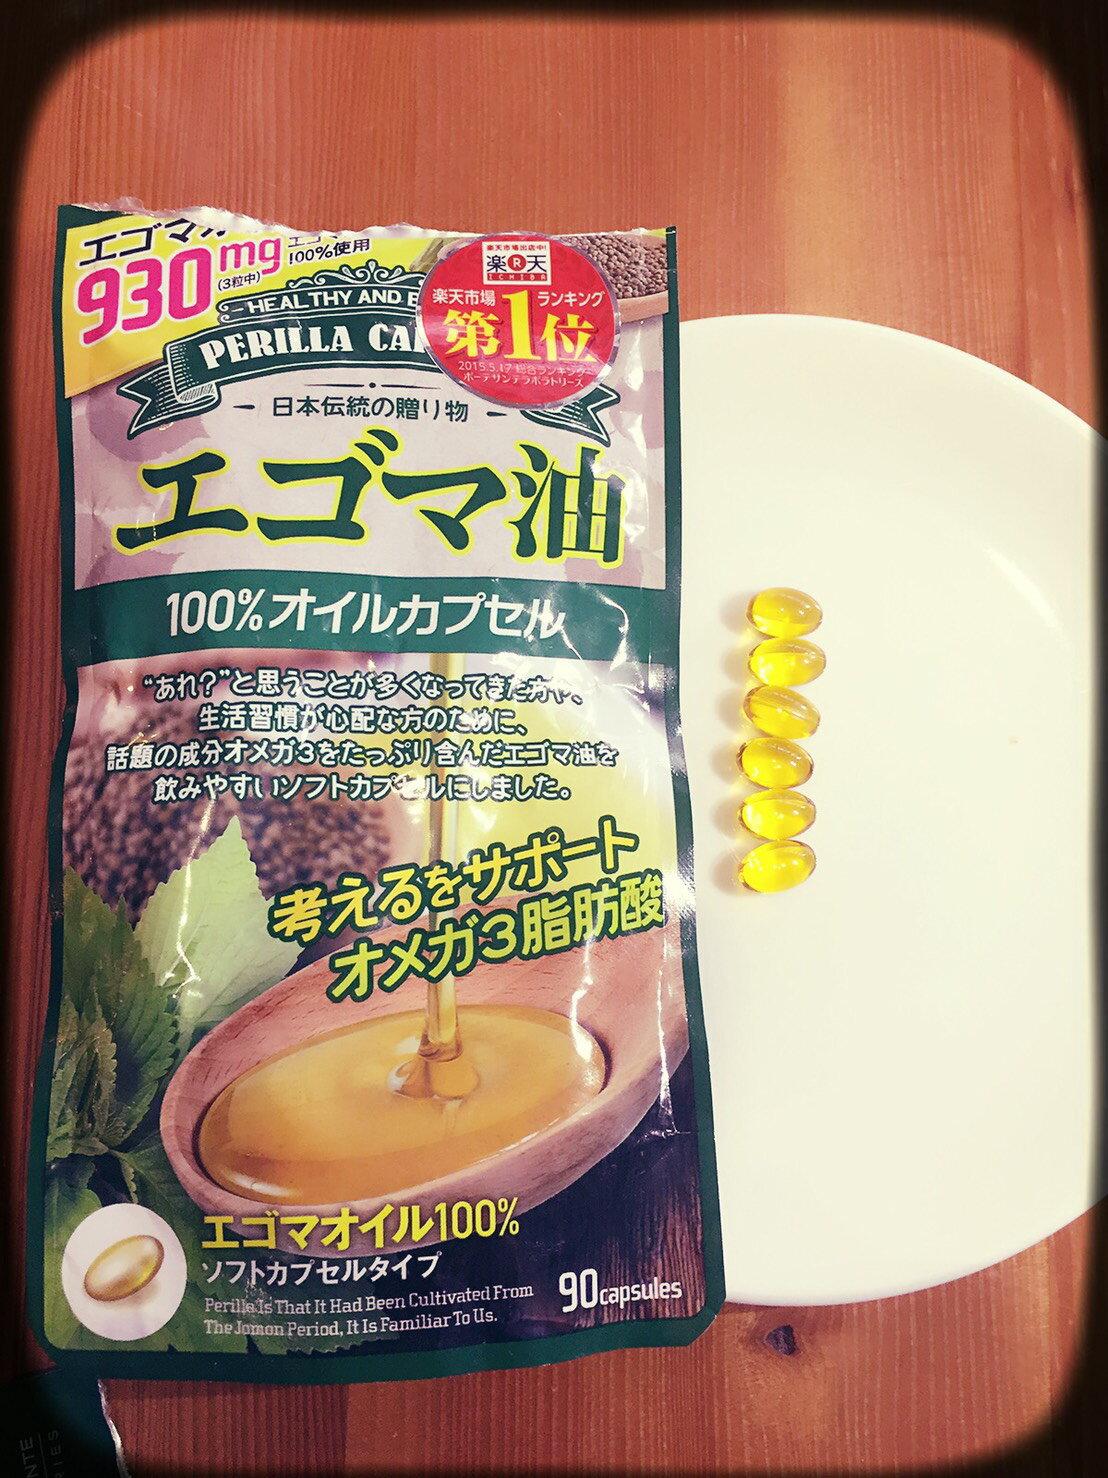 【日本進口。現貨】230生酵素X紫蘇油膠囊(90粒) 2